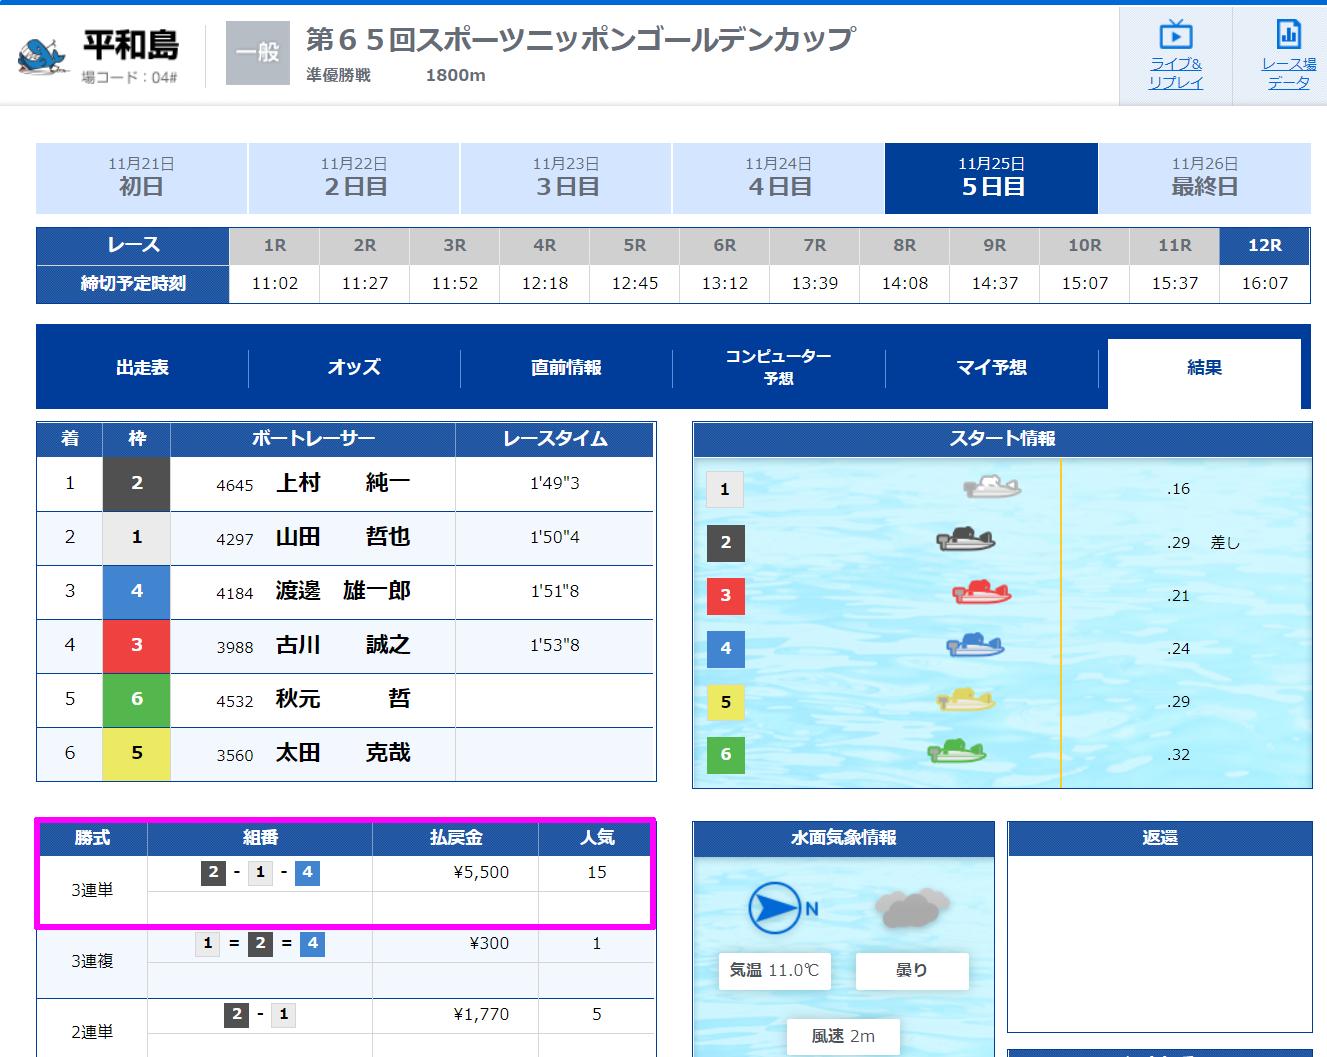 競艇インパクト 競艇IMPACT 競艇 ボートレース 予想 優良 悪徳 評価 評判 口コミ 検証 ランキング 的中 稼げる